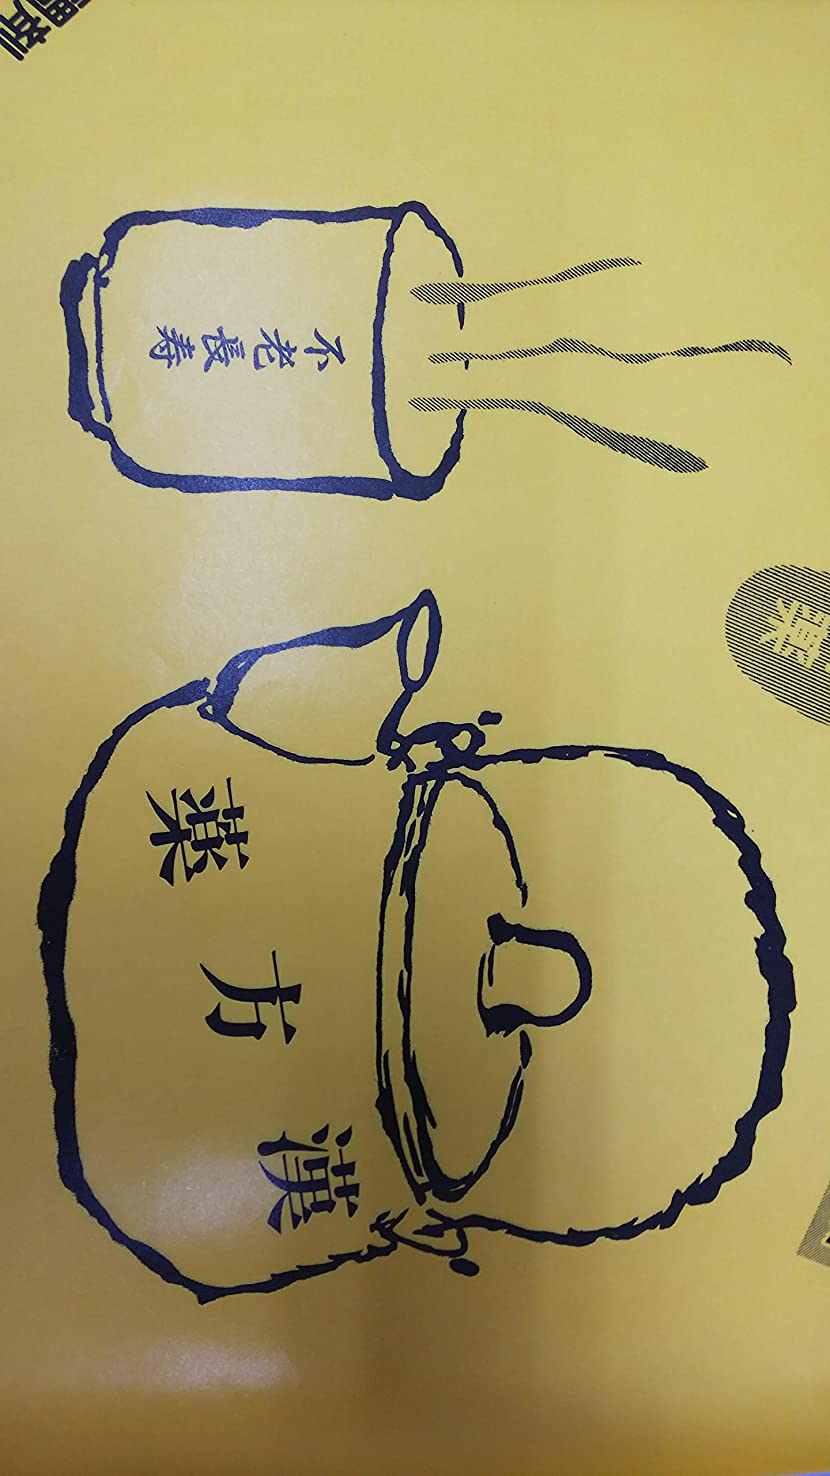 消毒する火曜日舗装するローズ(????)[内容量:500g]原型[原産国:??????]